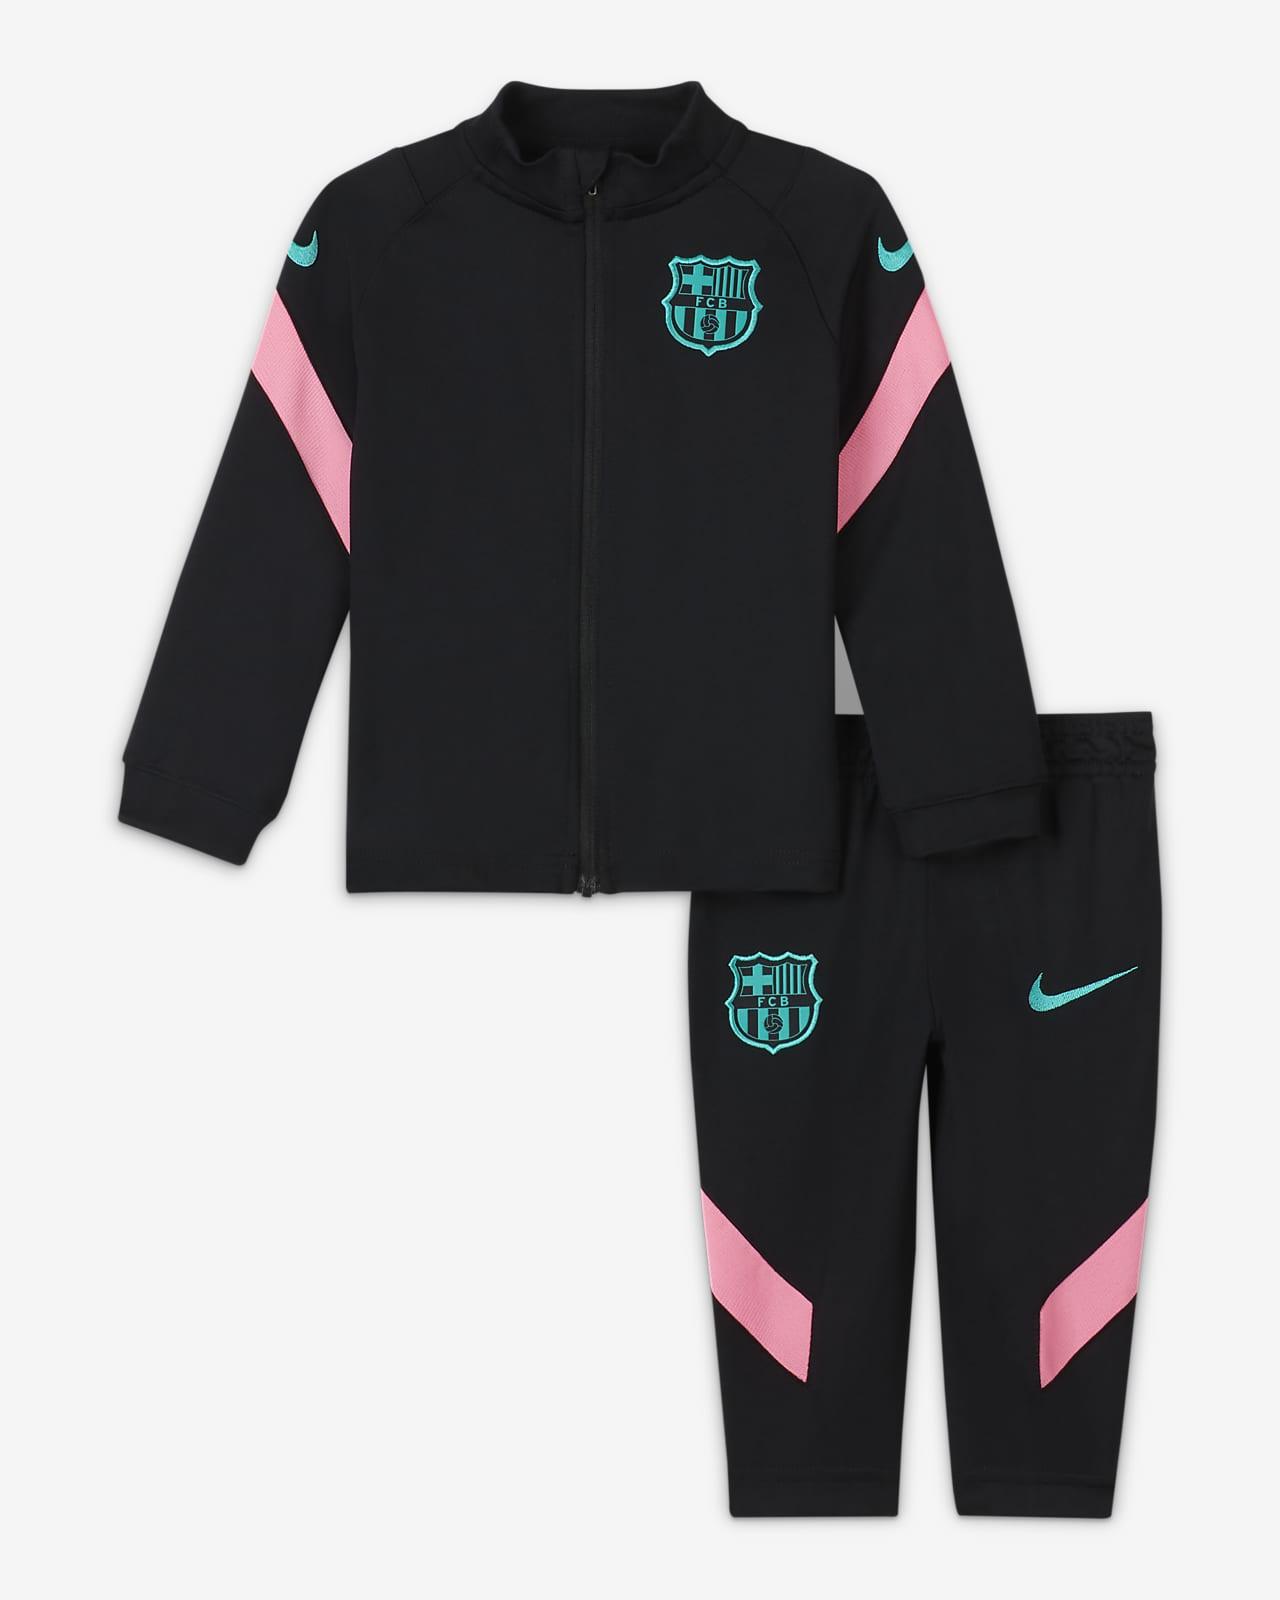 Ποδοσφαιρική φόρμα Μπαρτσελόνα Strike για βρέφη